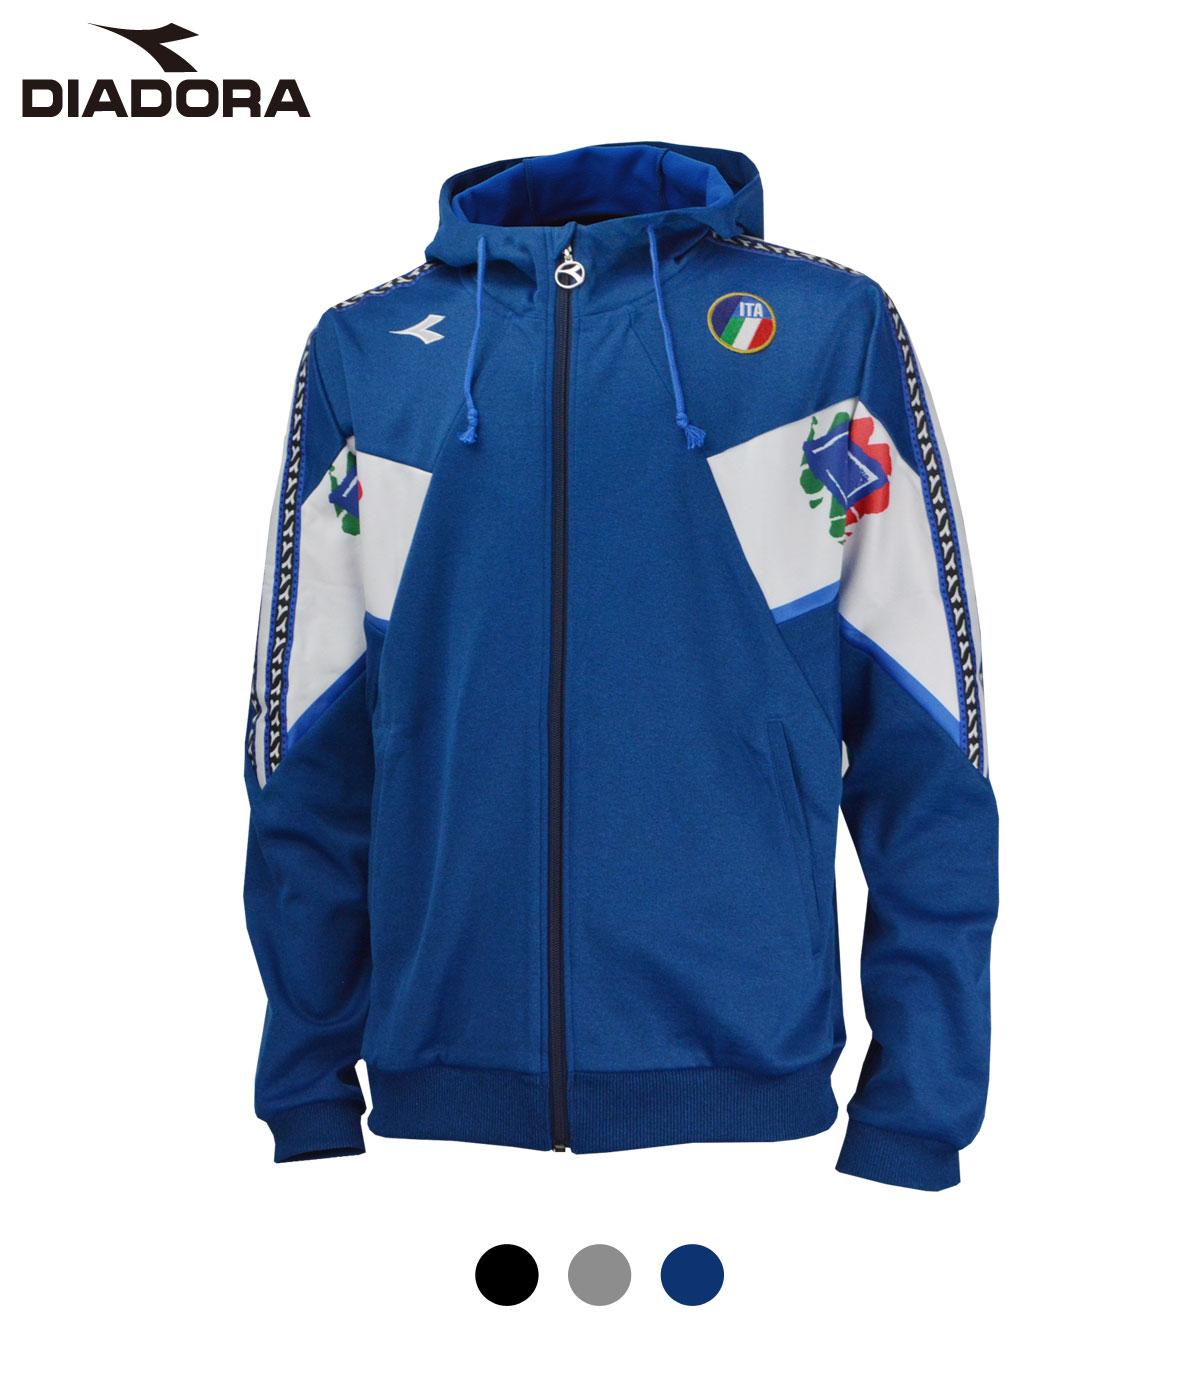 DIA011 DIADORA CLASSICS ストレッチフーディジャケット